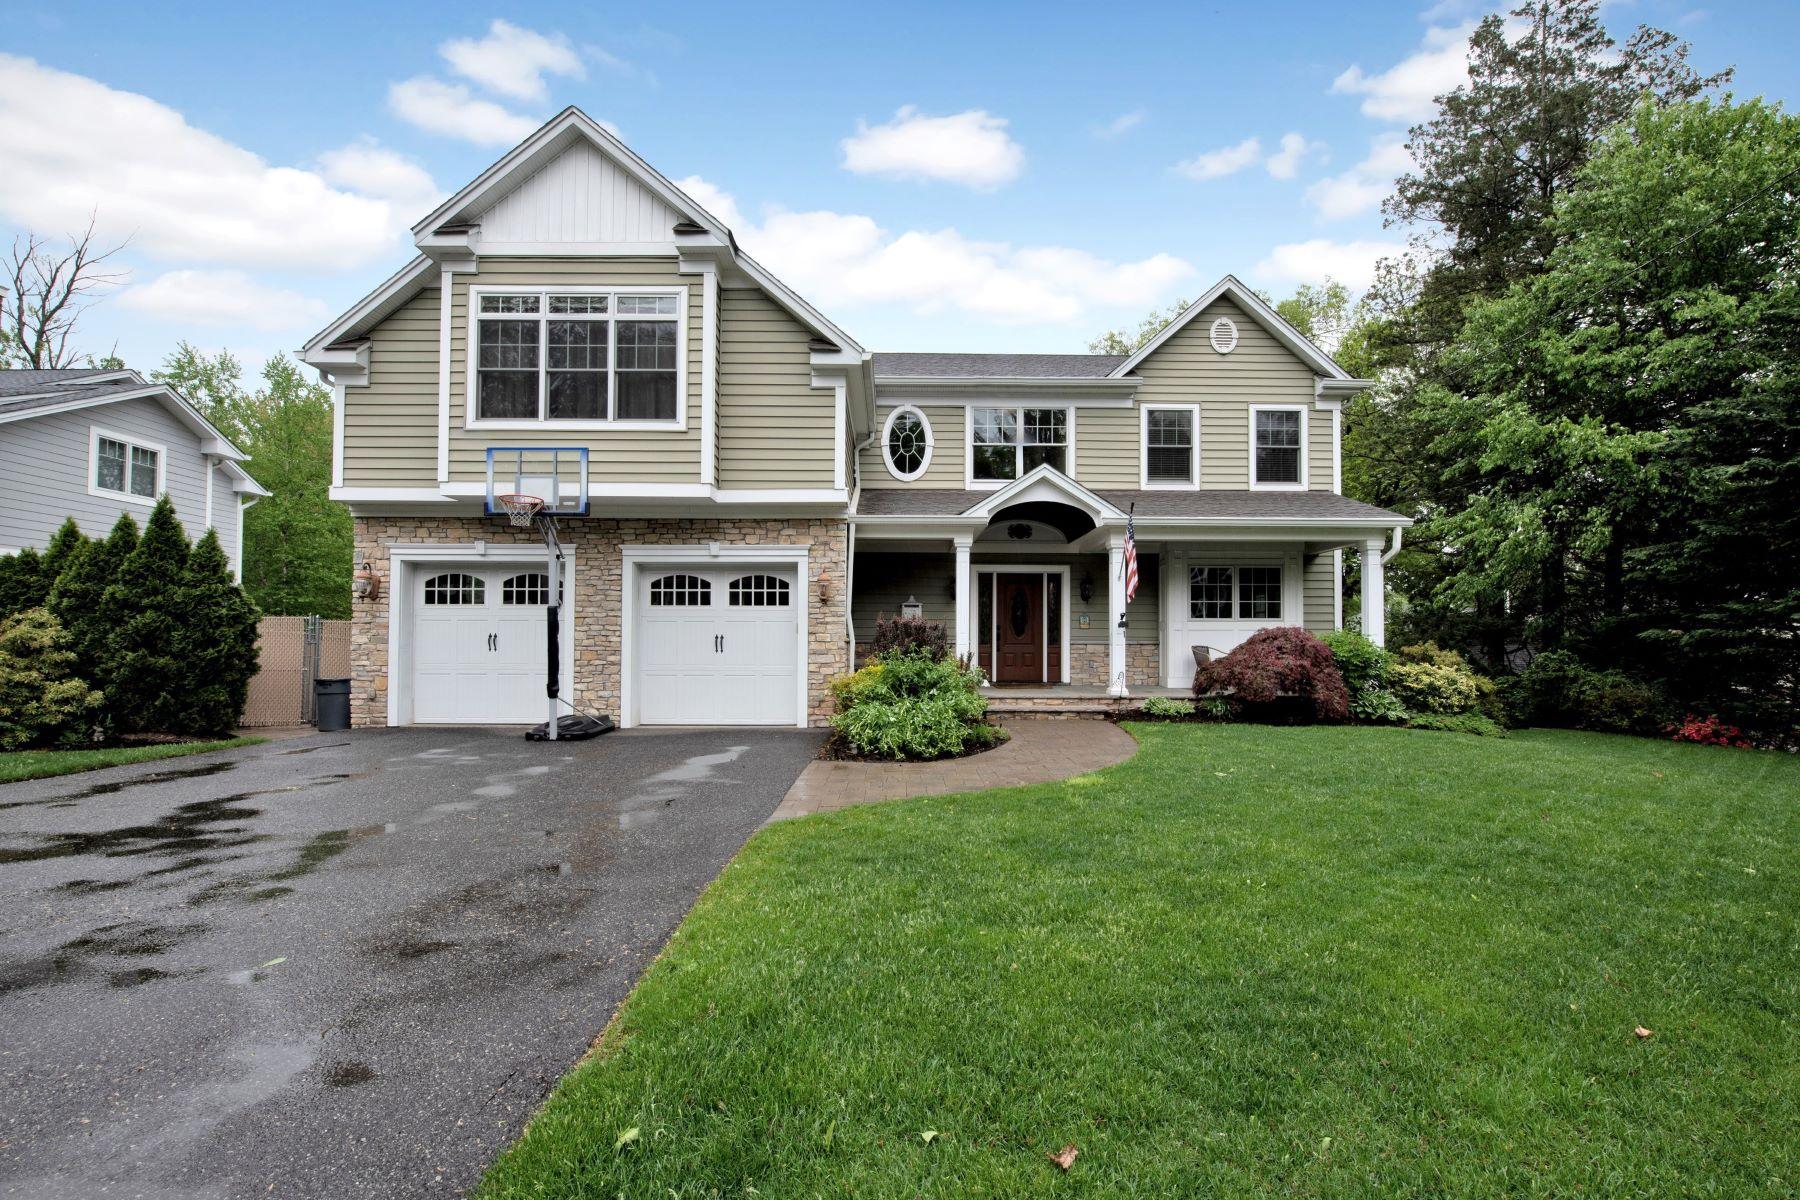 Частный односемейный дом для того Продажа на Beautiful & Well Maintained 270 Brookside Ave, Cresskill, Нью-Джерси 07626 Соединенные Штаты